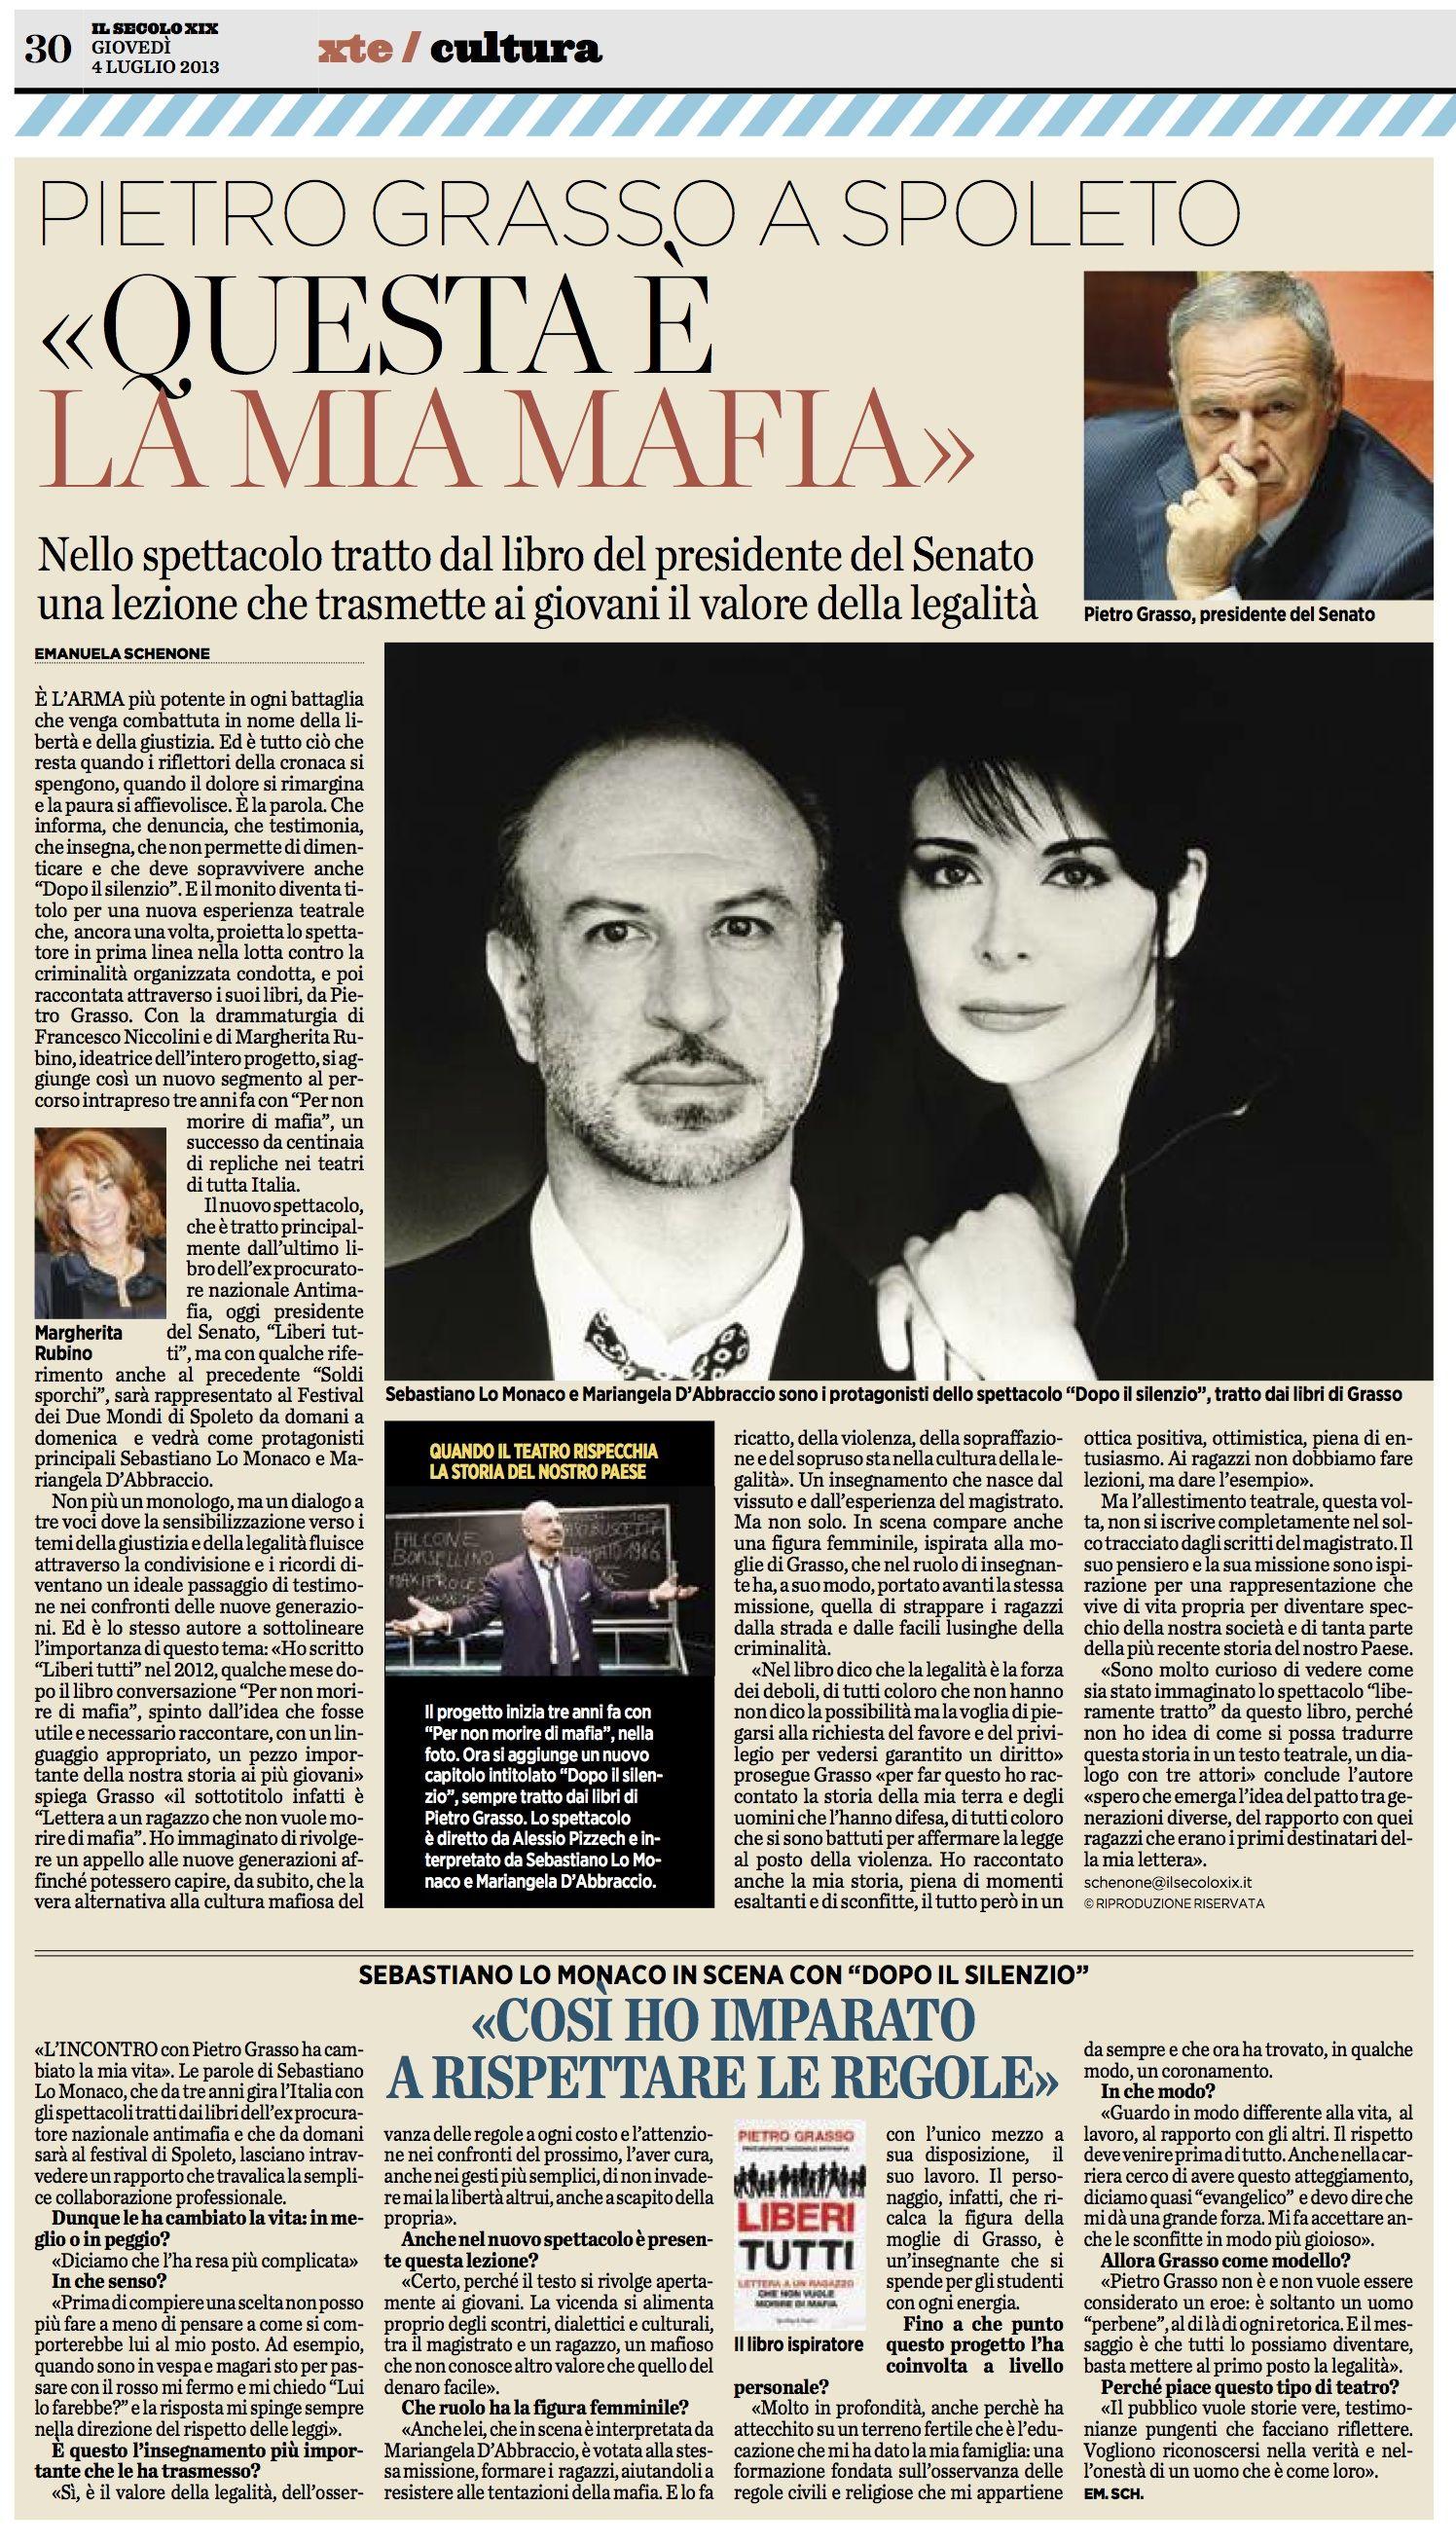 """4 luglio 2013 - IL Secolo XIX intervista a Pietro Grasso e Sebastiano Lo Monaco a proposito dello spettacolo """"Dopo Il Silenzio"""""""